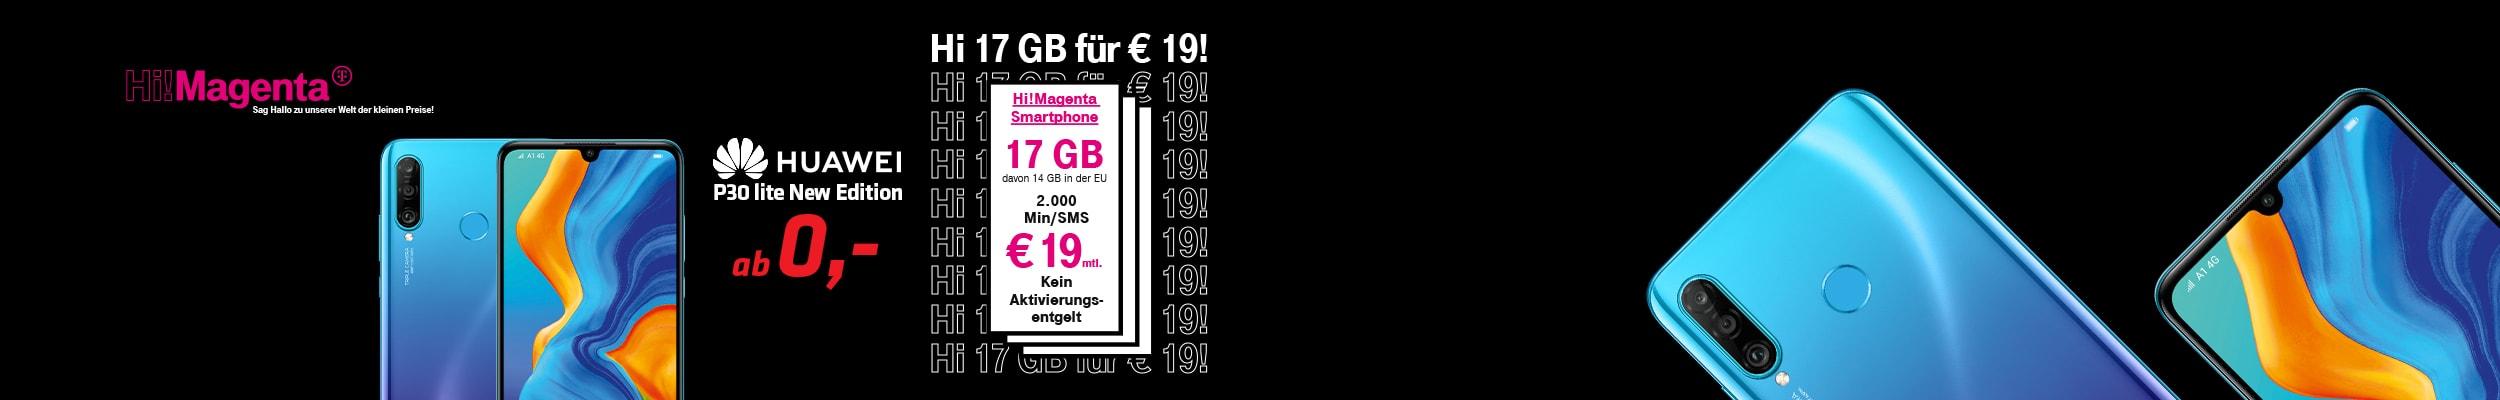 """""""das Huawei P30 lite New Edition in Vorder- und Rückansicht samt Beschreibung des Magenta-Tarifs """""""